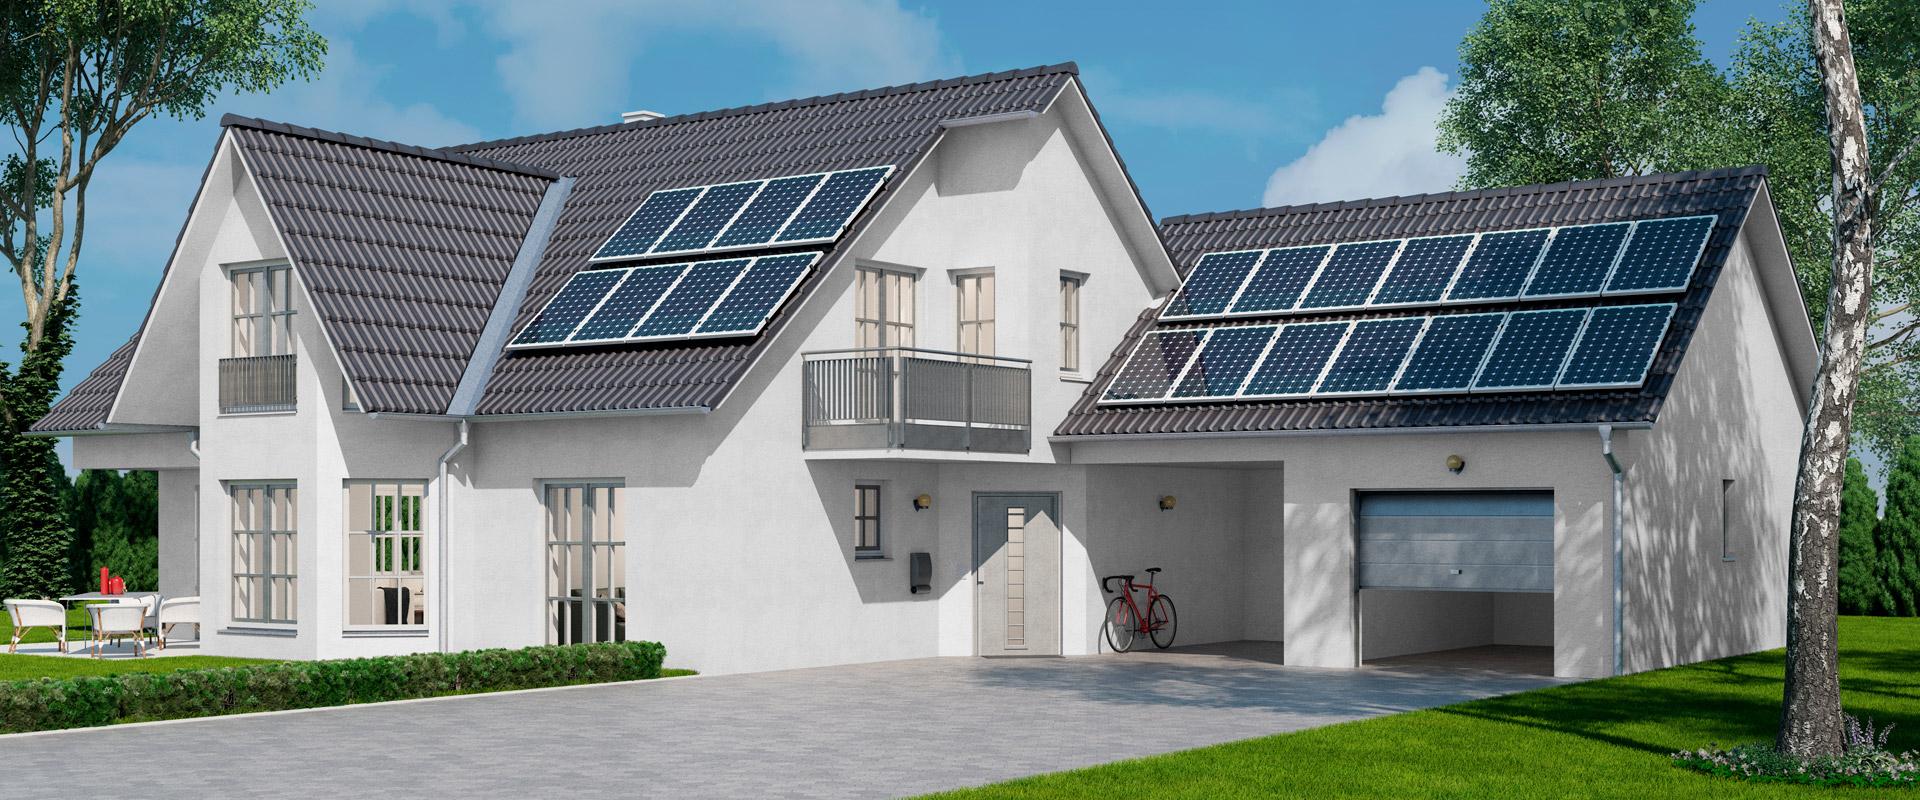 Construção de Casas Sustentáveis: todas as vantagens